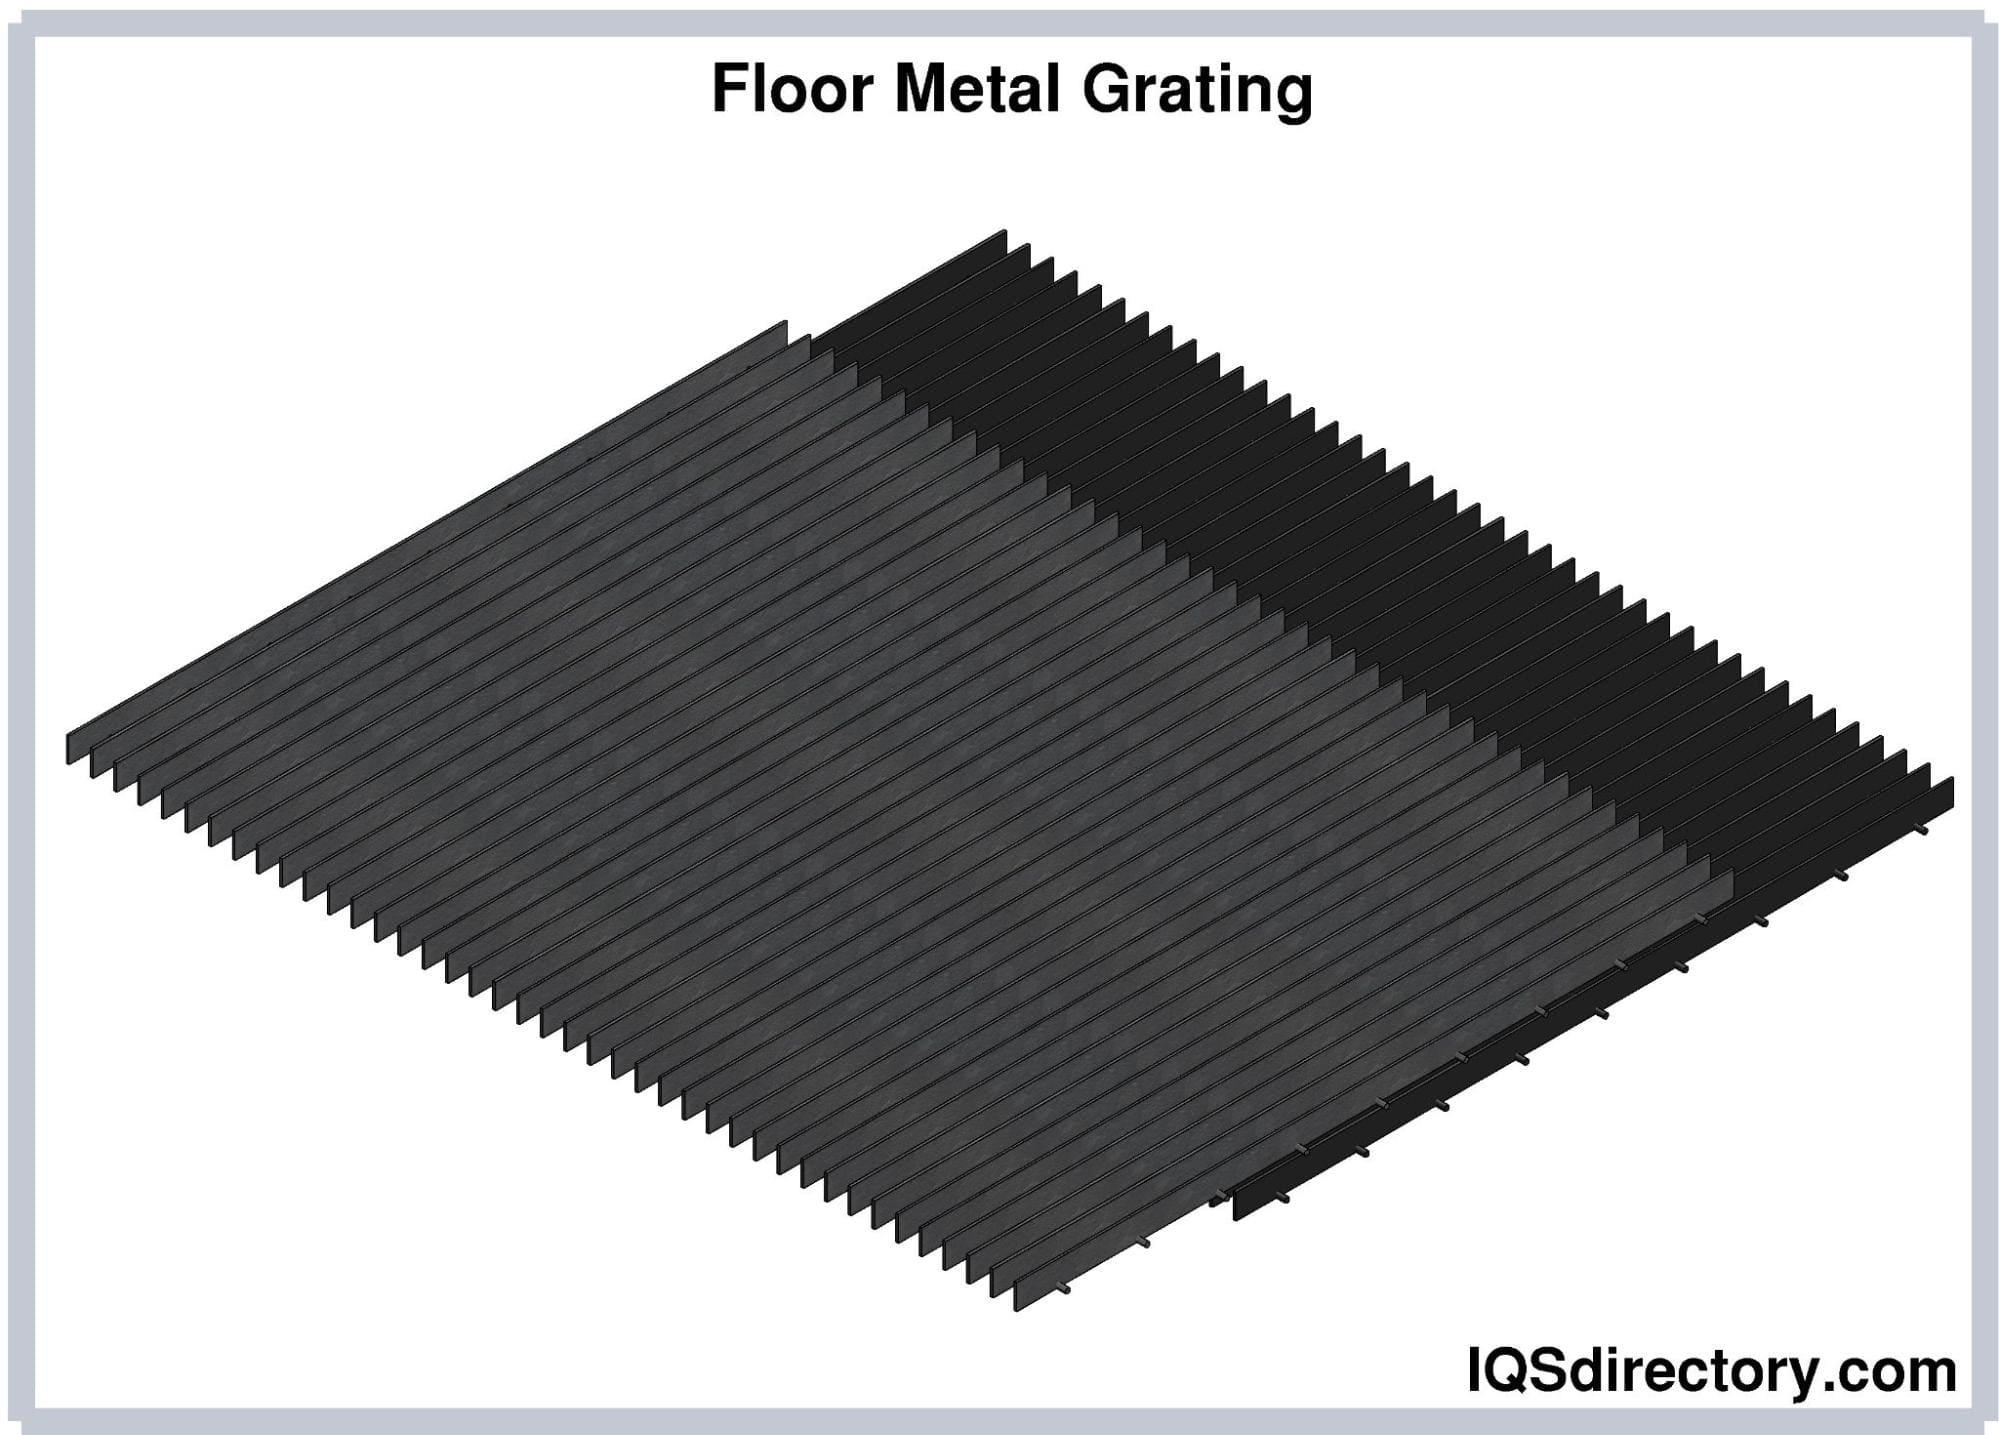 Floor Metal Grating